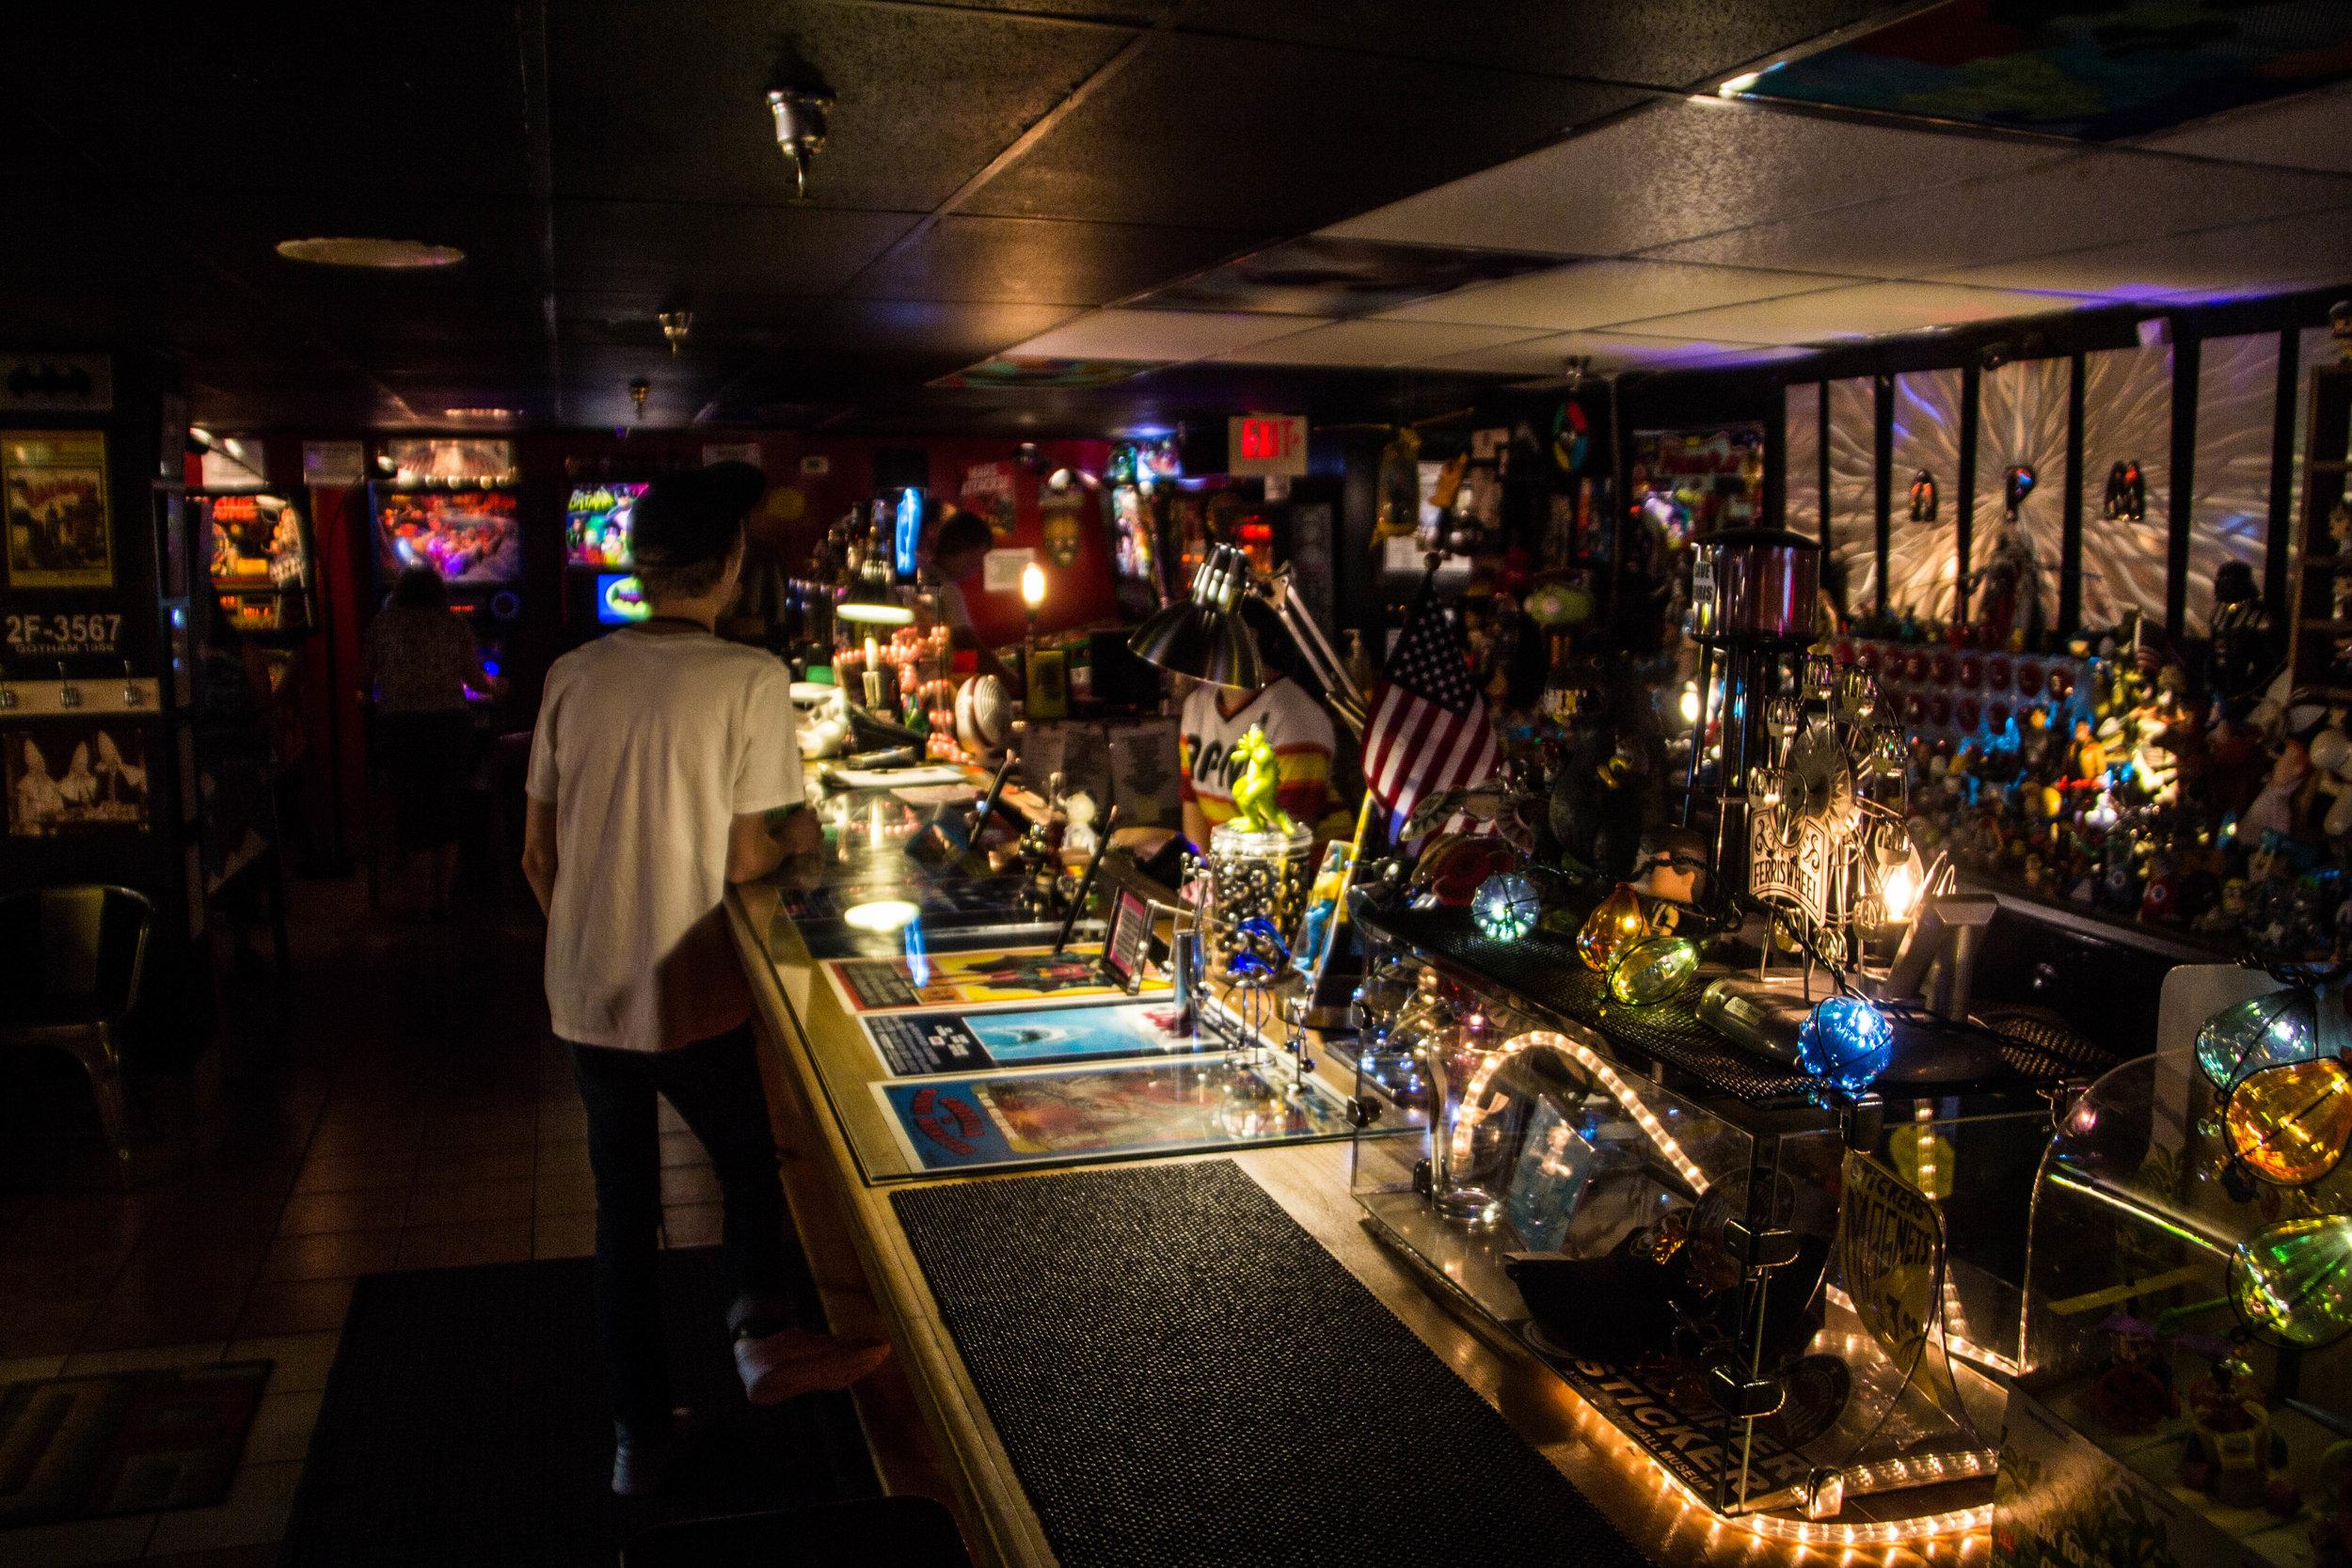 inside-pinball-museum-asheville-11.jpg